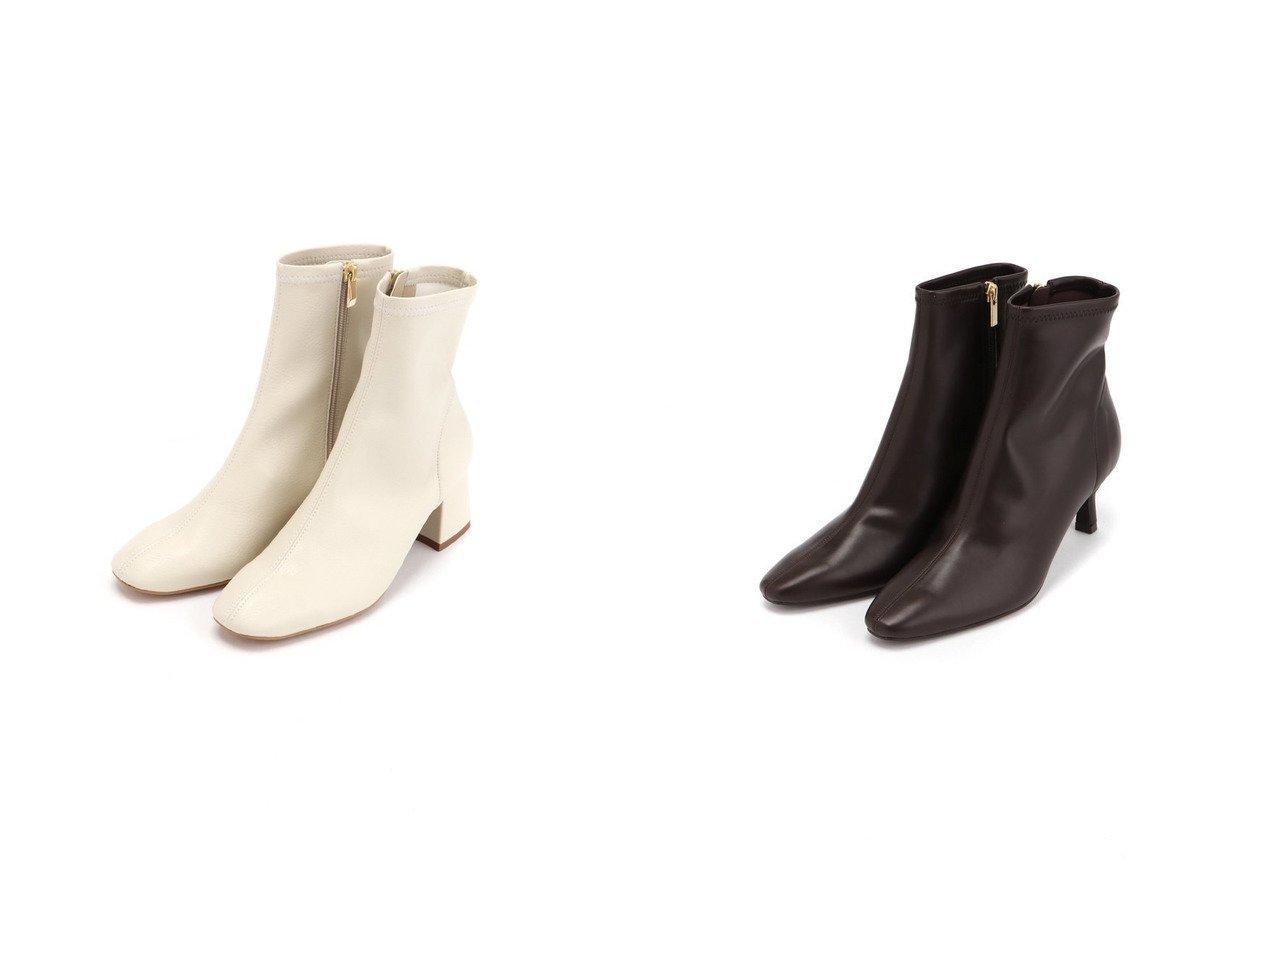 【Le Talon/ル タロン】のG5.5cmスクエアSB(S-XL)&6cmフレンチスクエアSB シューズ・靴のおすすめ!人気、トレンド・レディースファッションの通販 おすすめで人気の流行・トレンド、ファッションの通販商品 メンズファッション・キッズファッション・インテリア・家具・レディースファッション・服の通販 founy(ファニー) https://founy.com/ ファッション Fashion レディースファッション WOMEN クッション シューズ ショート スクエア ワイド A/W 秋冬 AW Autumn/Winter / FW Fall-Winter 2020年 2020 2020-2021 秋冬 A/W AW Autumn/Winter / FW Fall-Winter 2020-2021 NEW・新作・新着・新入荷 New Arrivals インソール カットオフ シンプル フィット フレンチ  ID:crp329100000012968